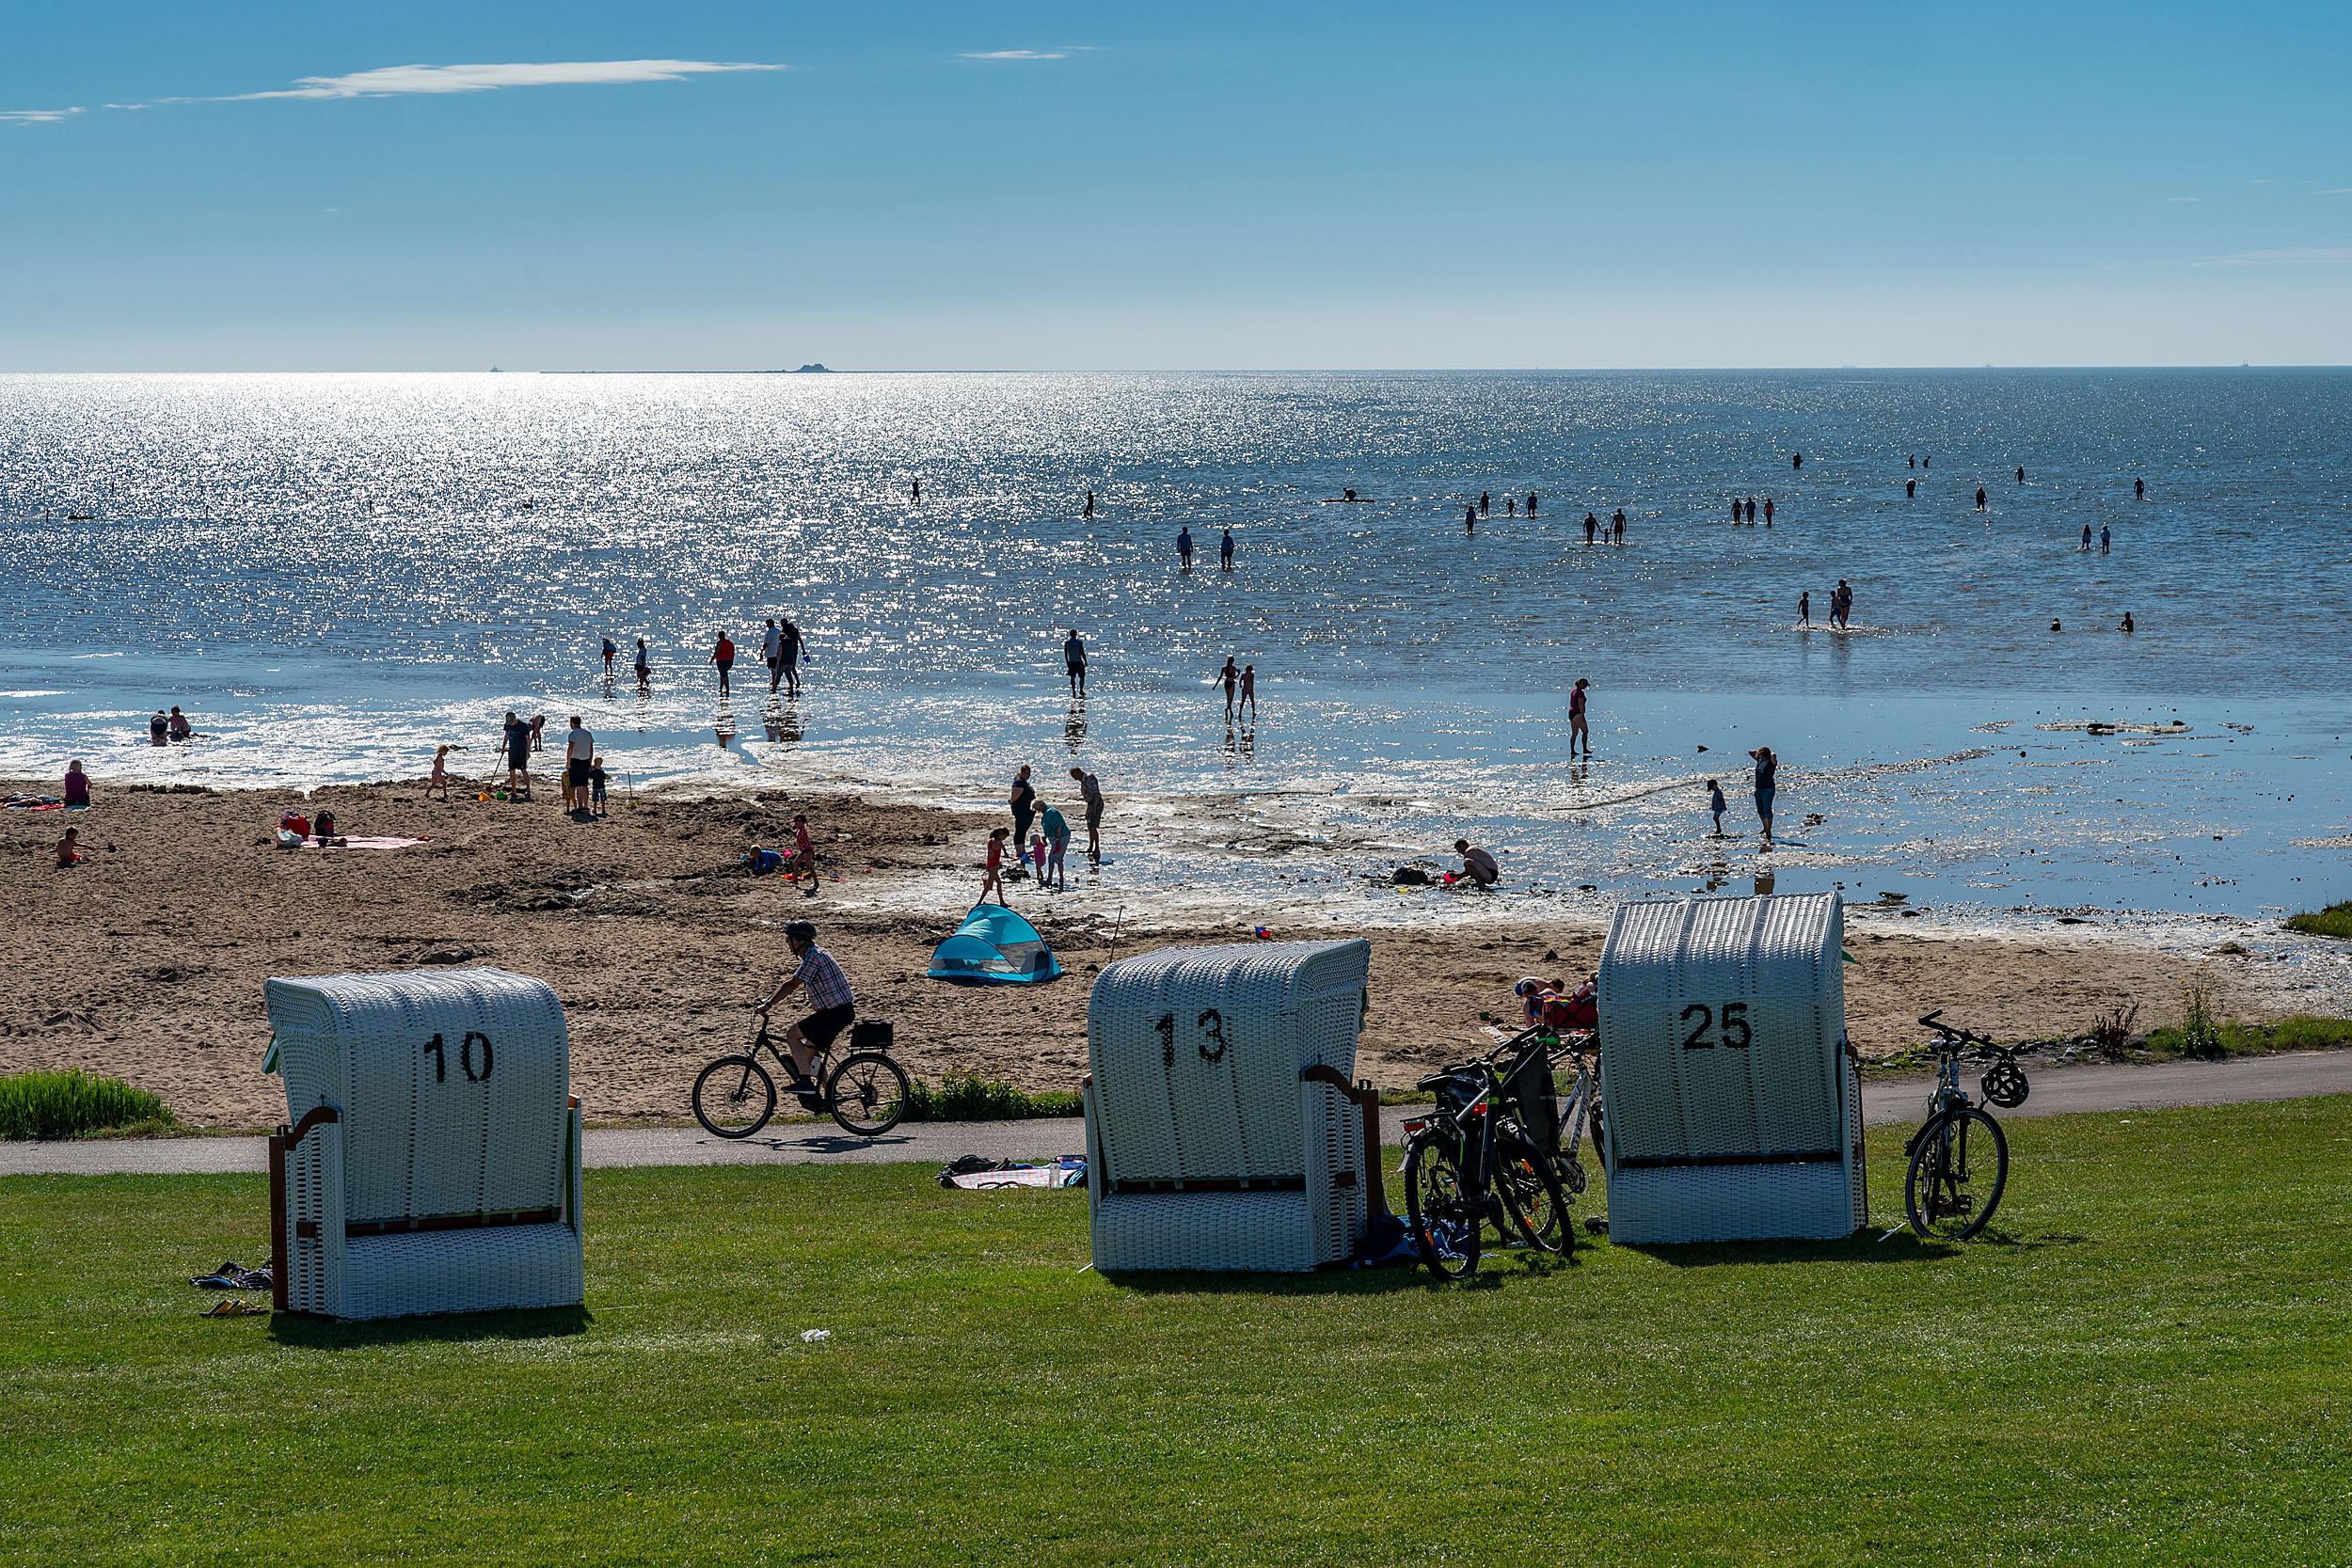 Fuhlehörn Strand mit Strandkörben und Badegästen bei Flut